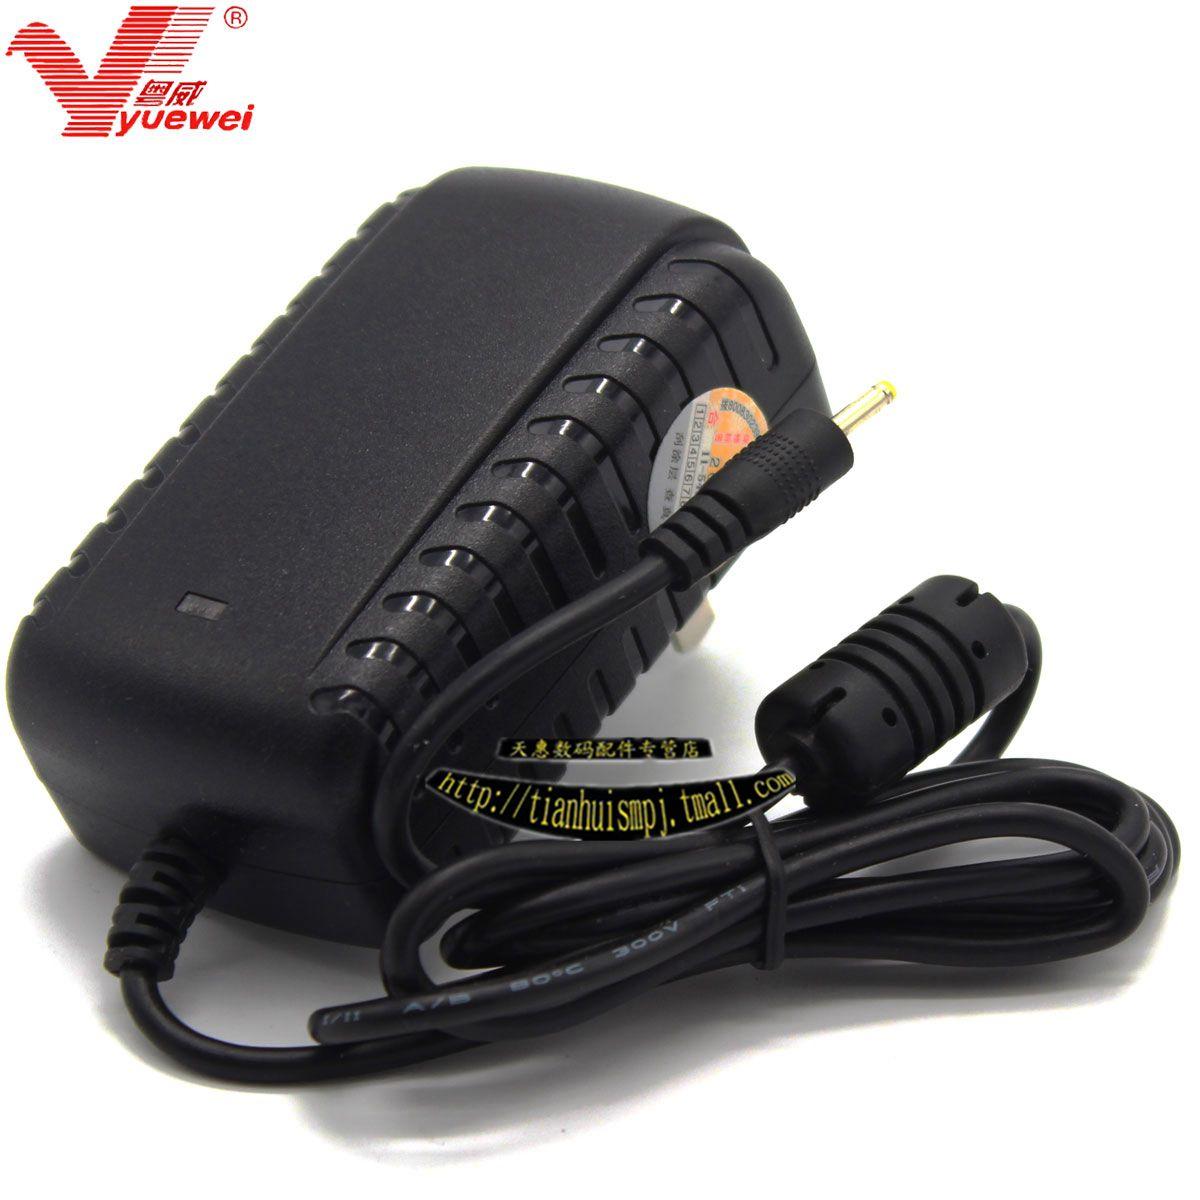 原道N90平板电脑充电器线电源12V2A 粤威牌3C认证电源充电 平板